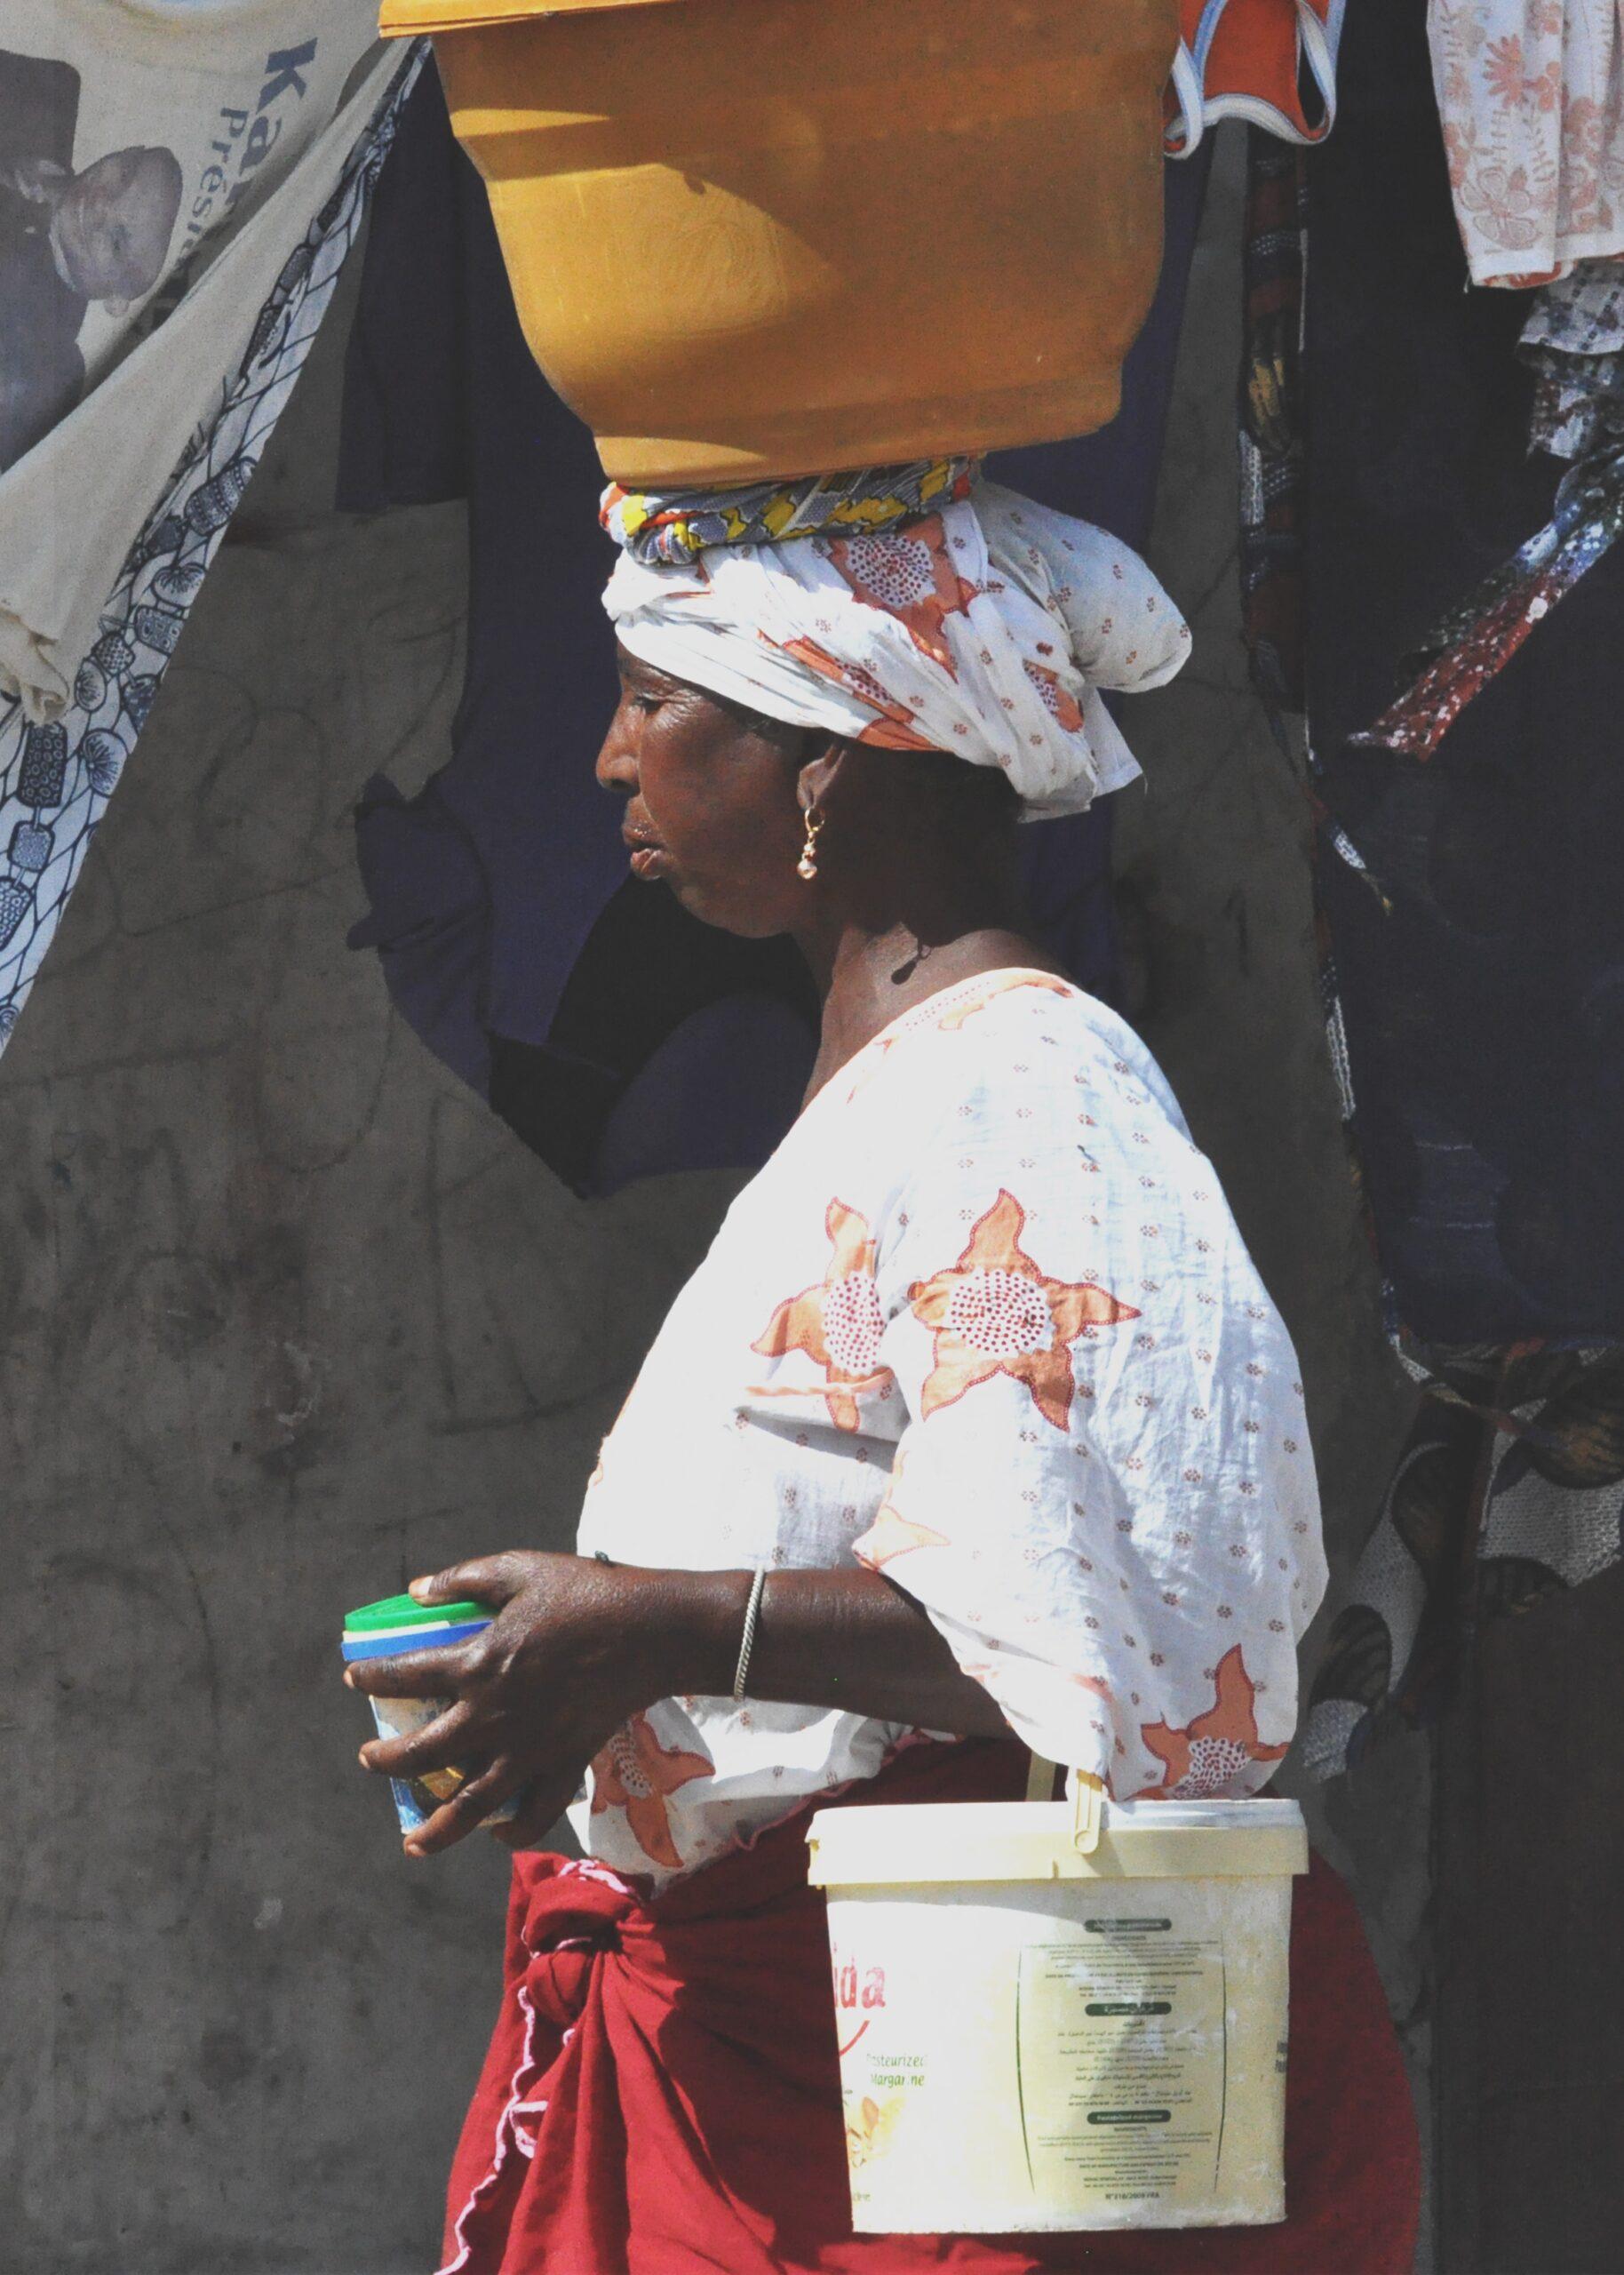 Imagen de la noticia Consolidación de la autonomía de la Red de Mujeres Productoras para la seguridad alimentaria y nutricional en la región de Kolda